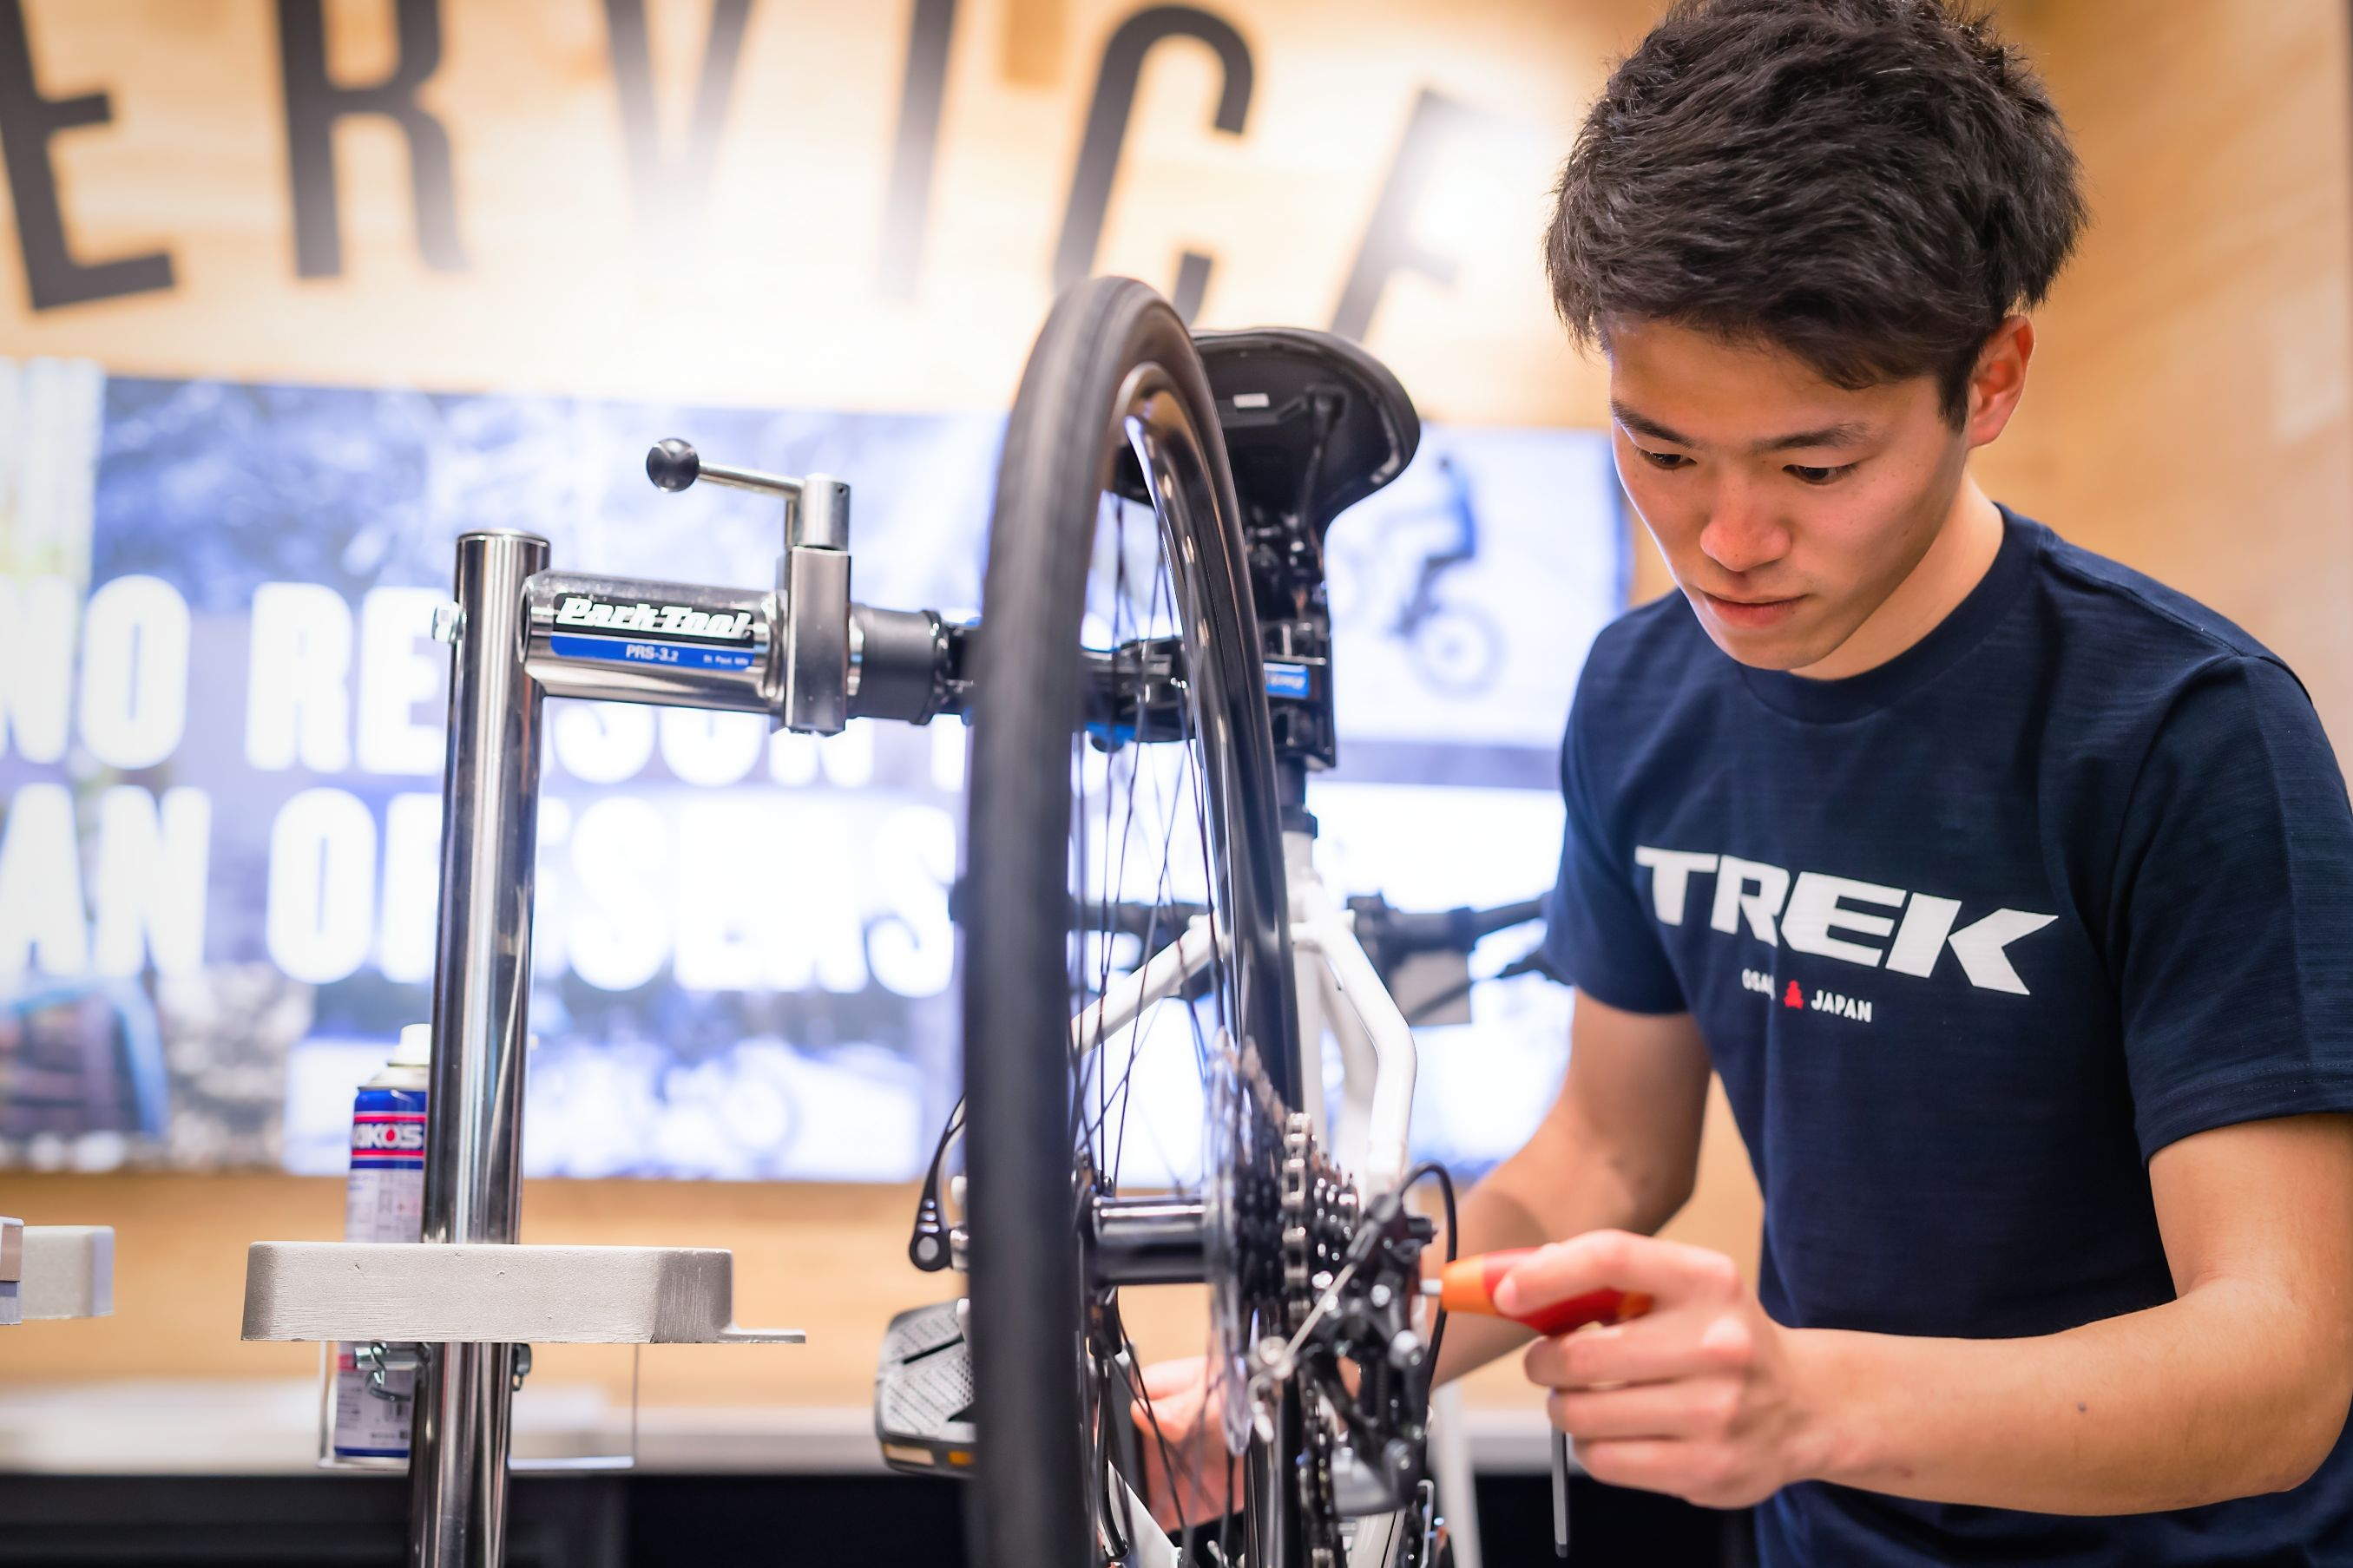 スポーツ自転車のメンテナンスはトレック直営店へ!はじめての方も安心